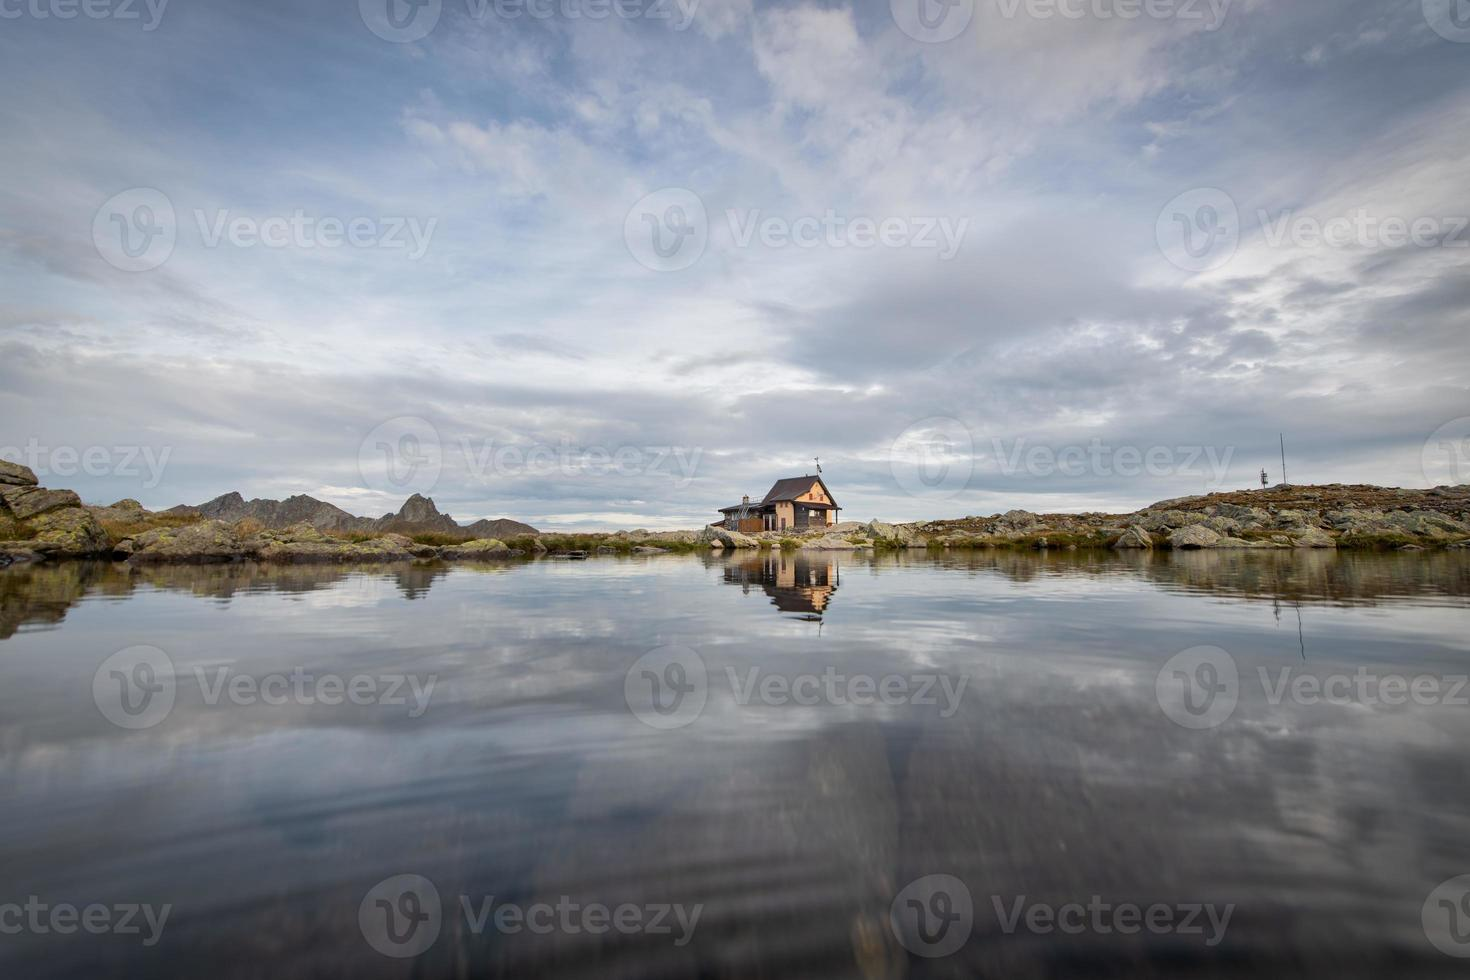 kleine hermitage in de bergen bij een meer foto